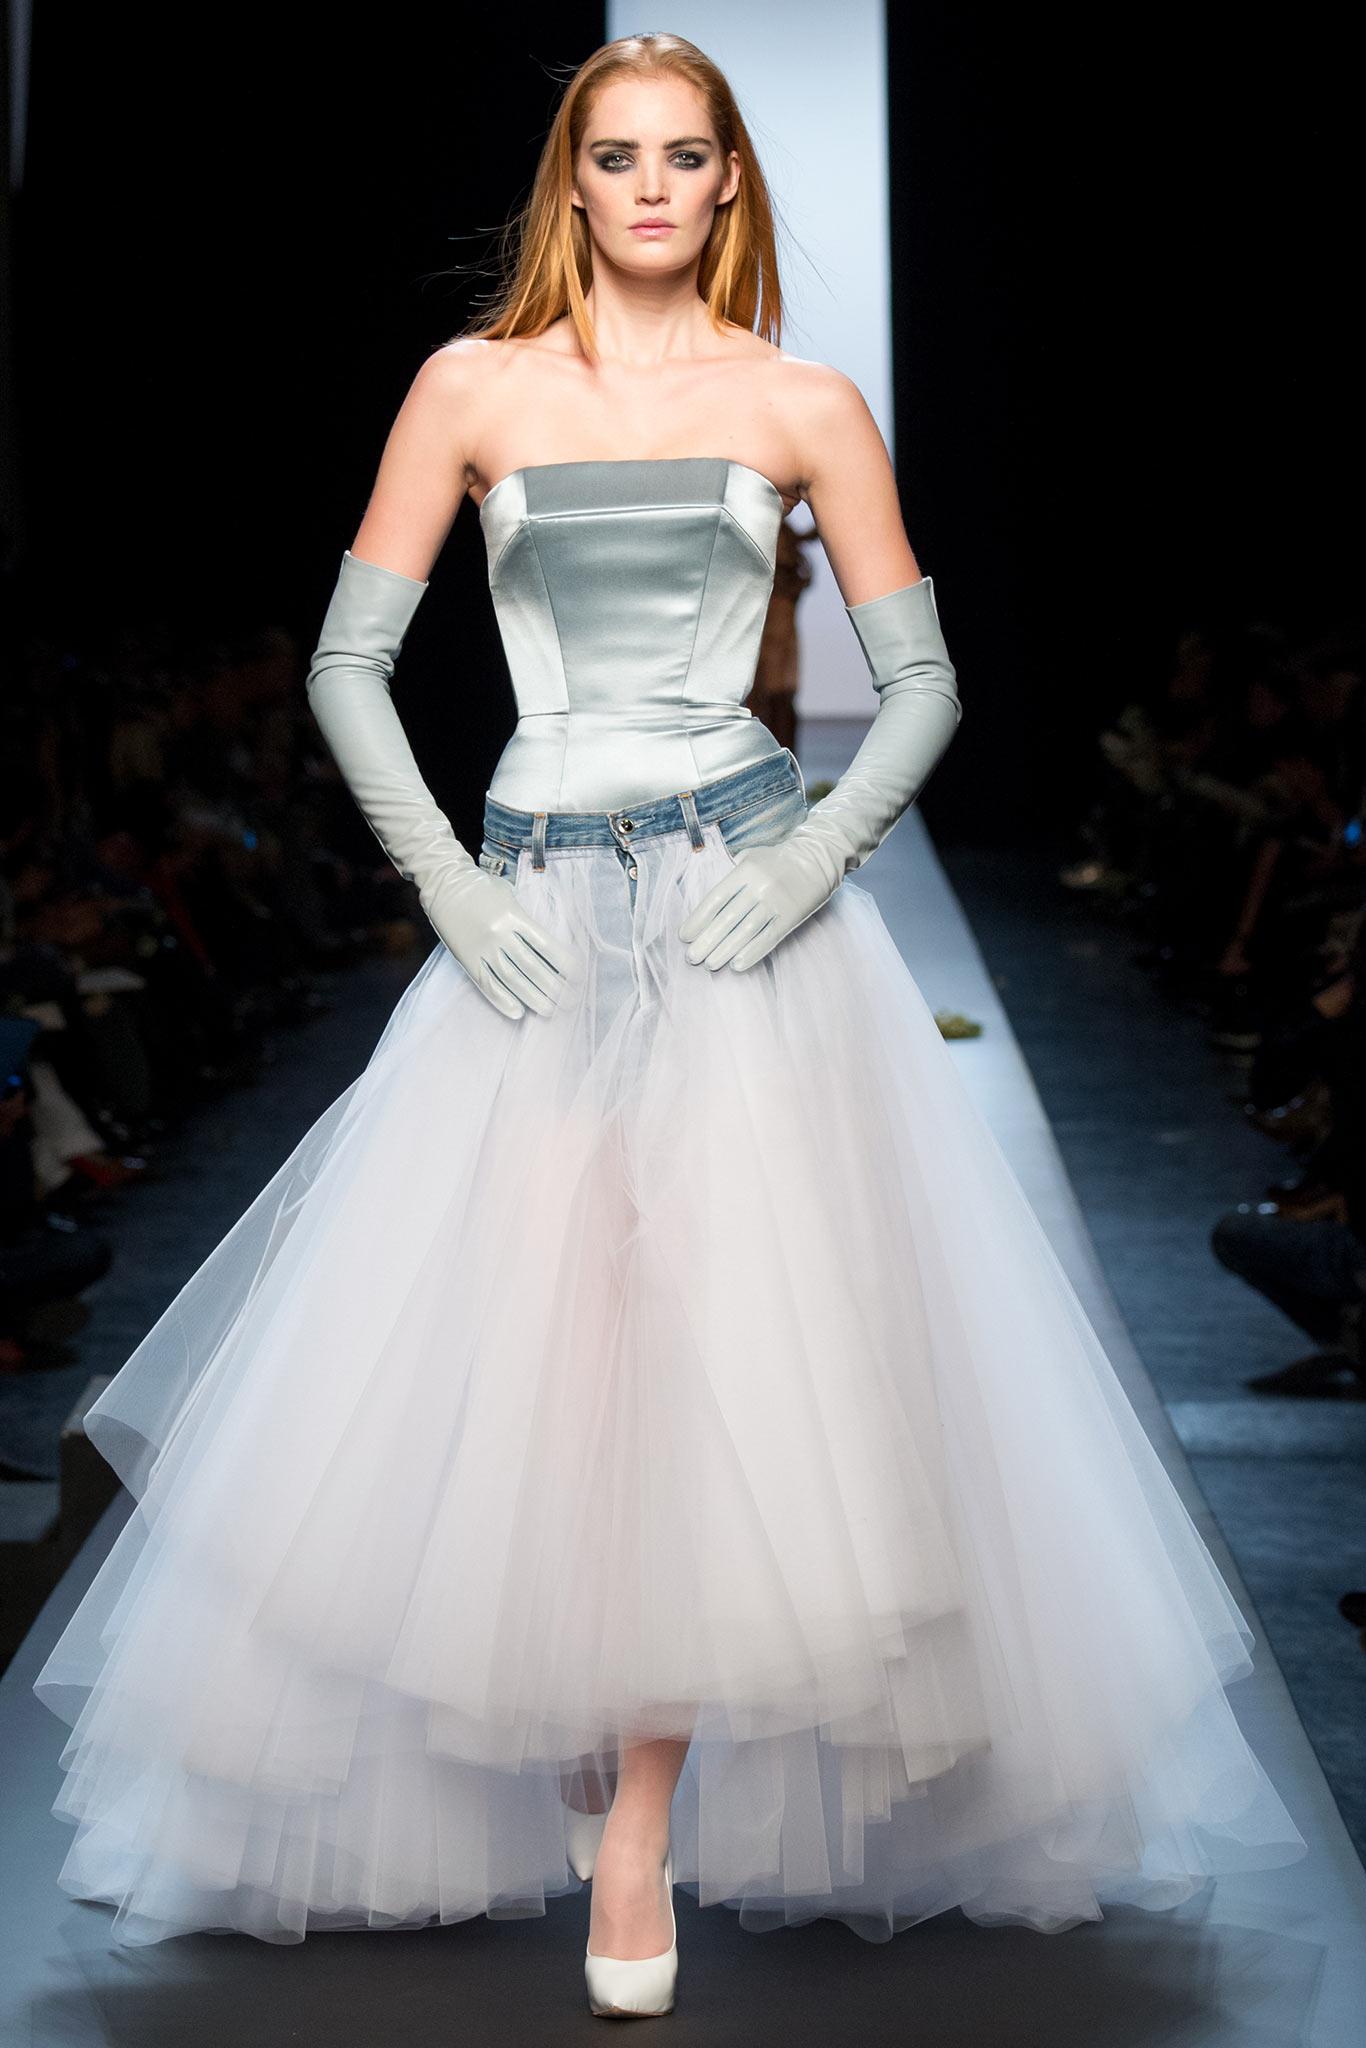 Jean paul gaultier ss 15 haute couture 55 aficionadol for Haute couture 2015